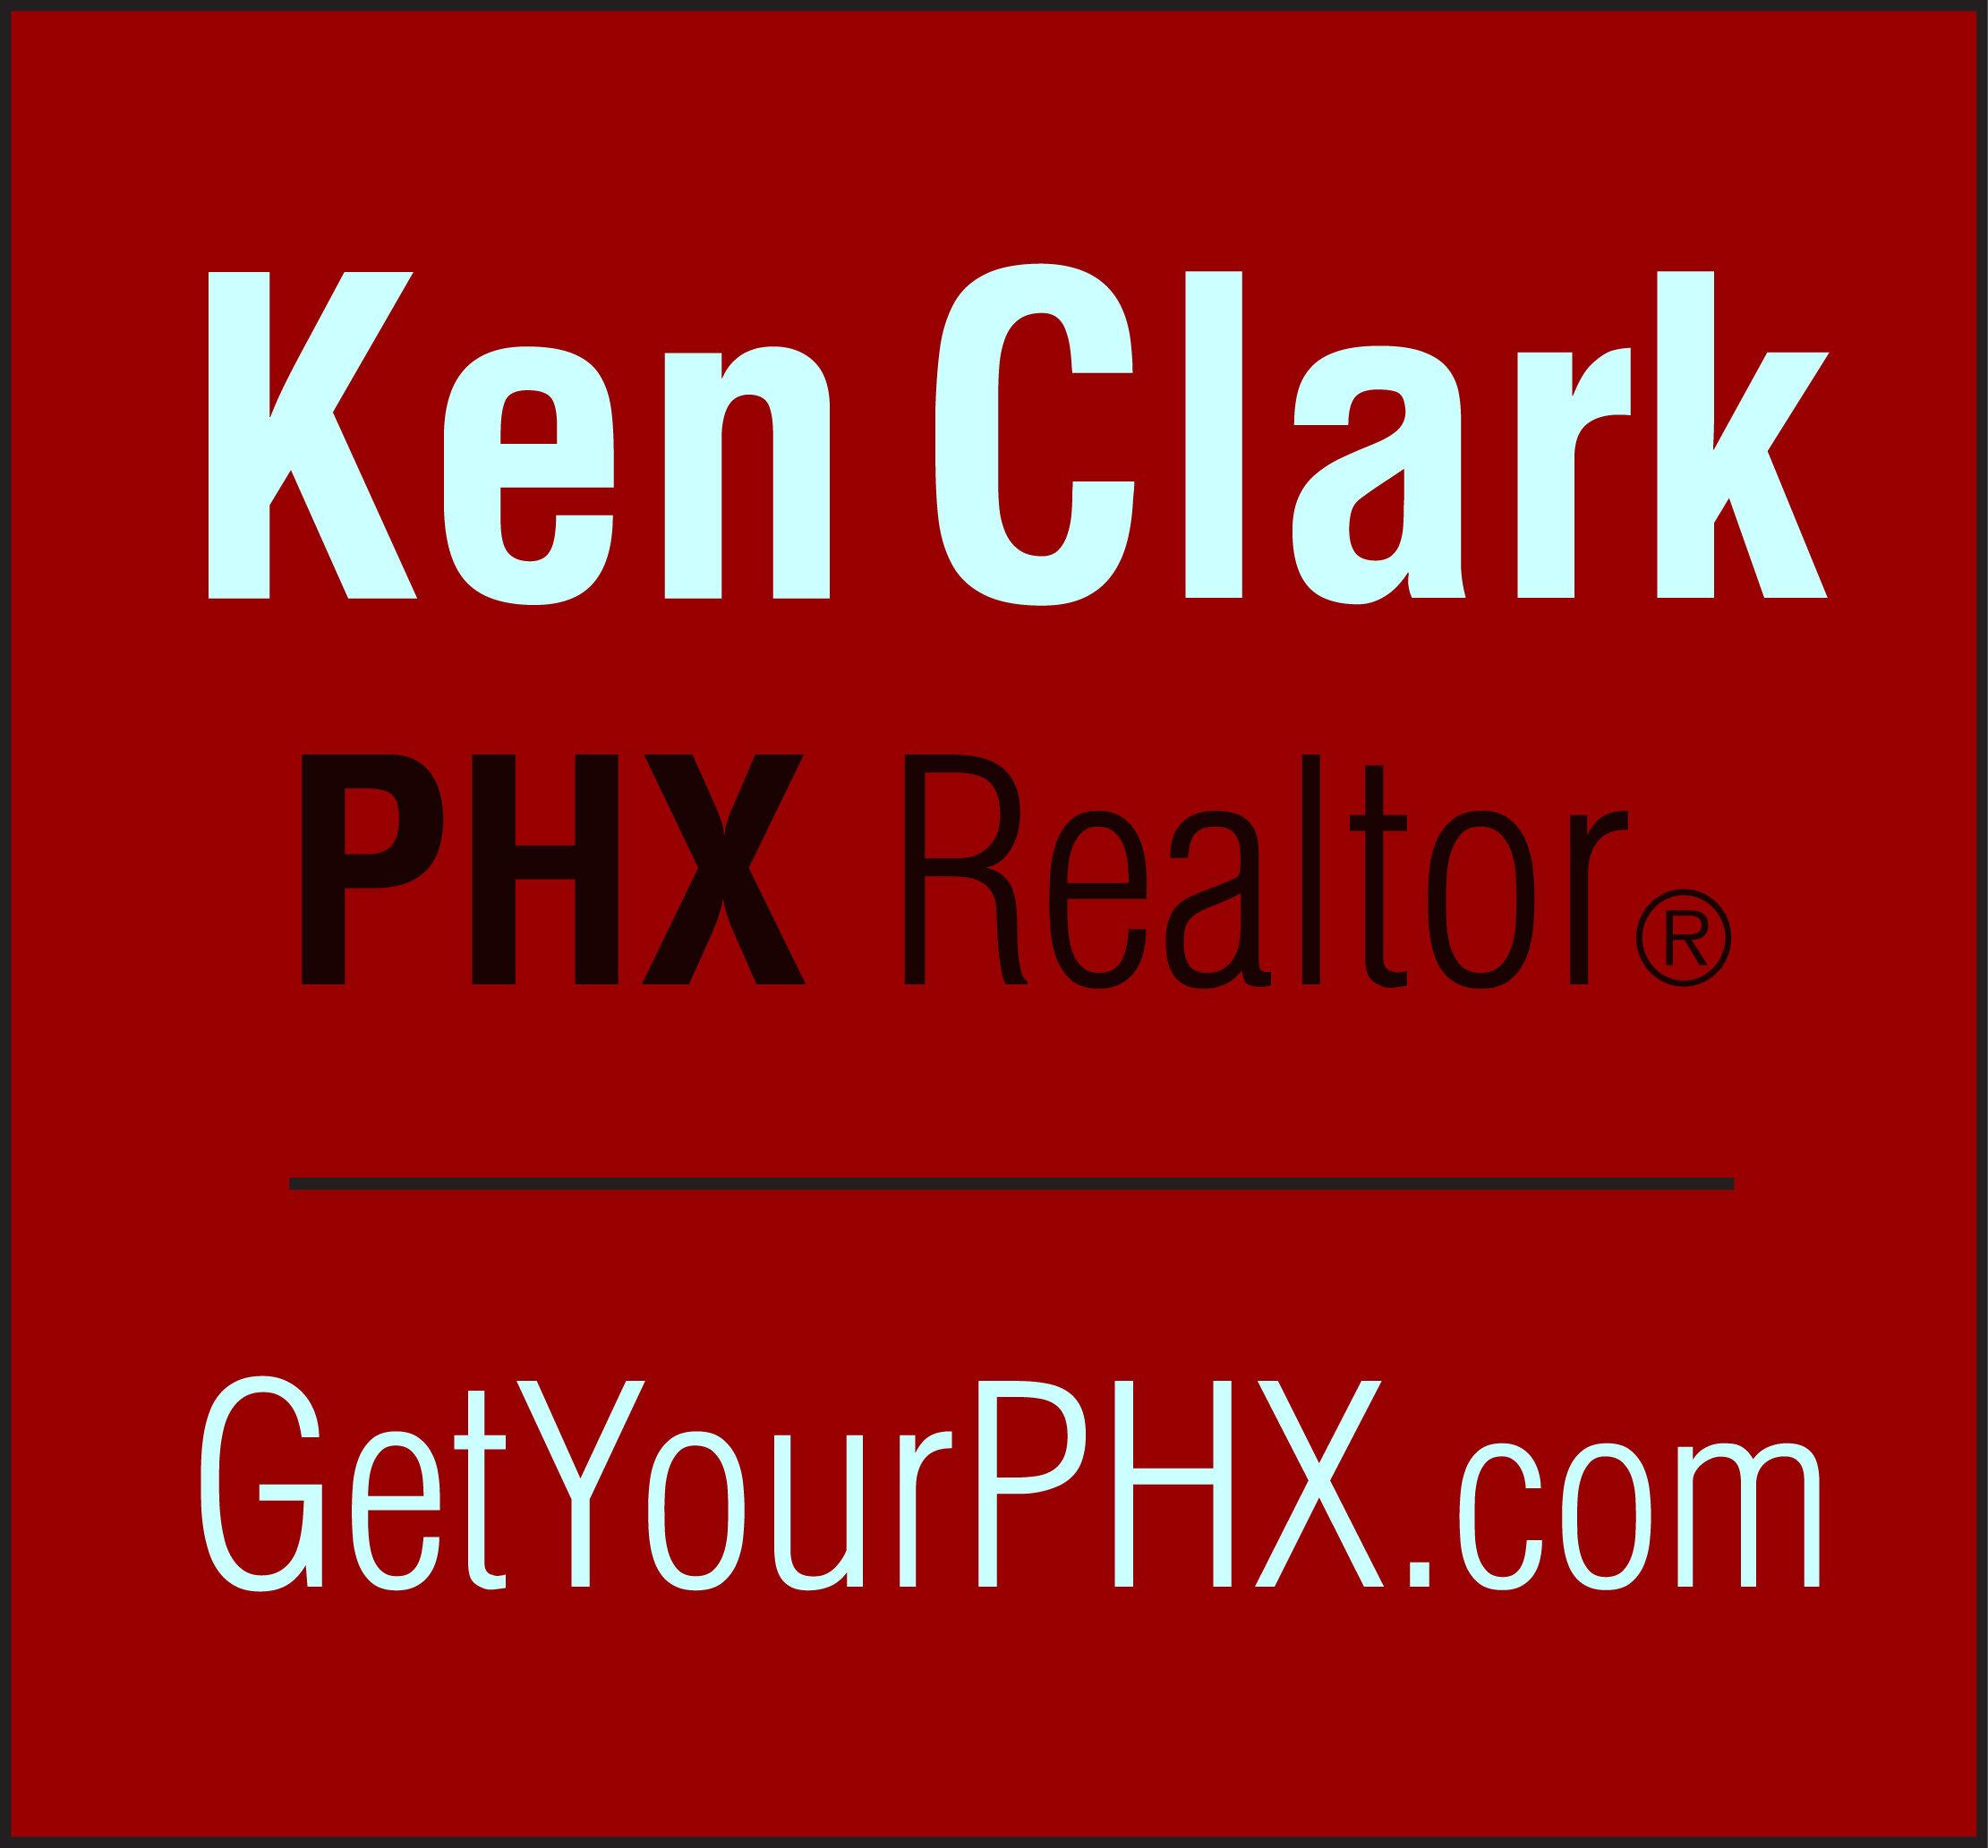 KenClark-Realtor.jpg